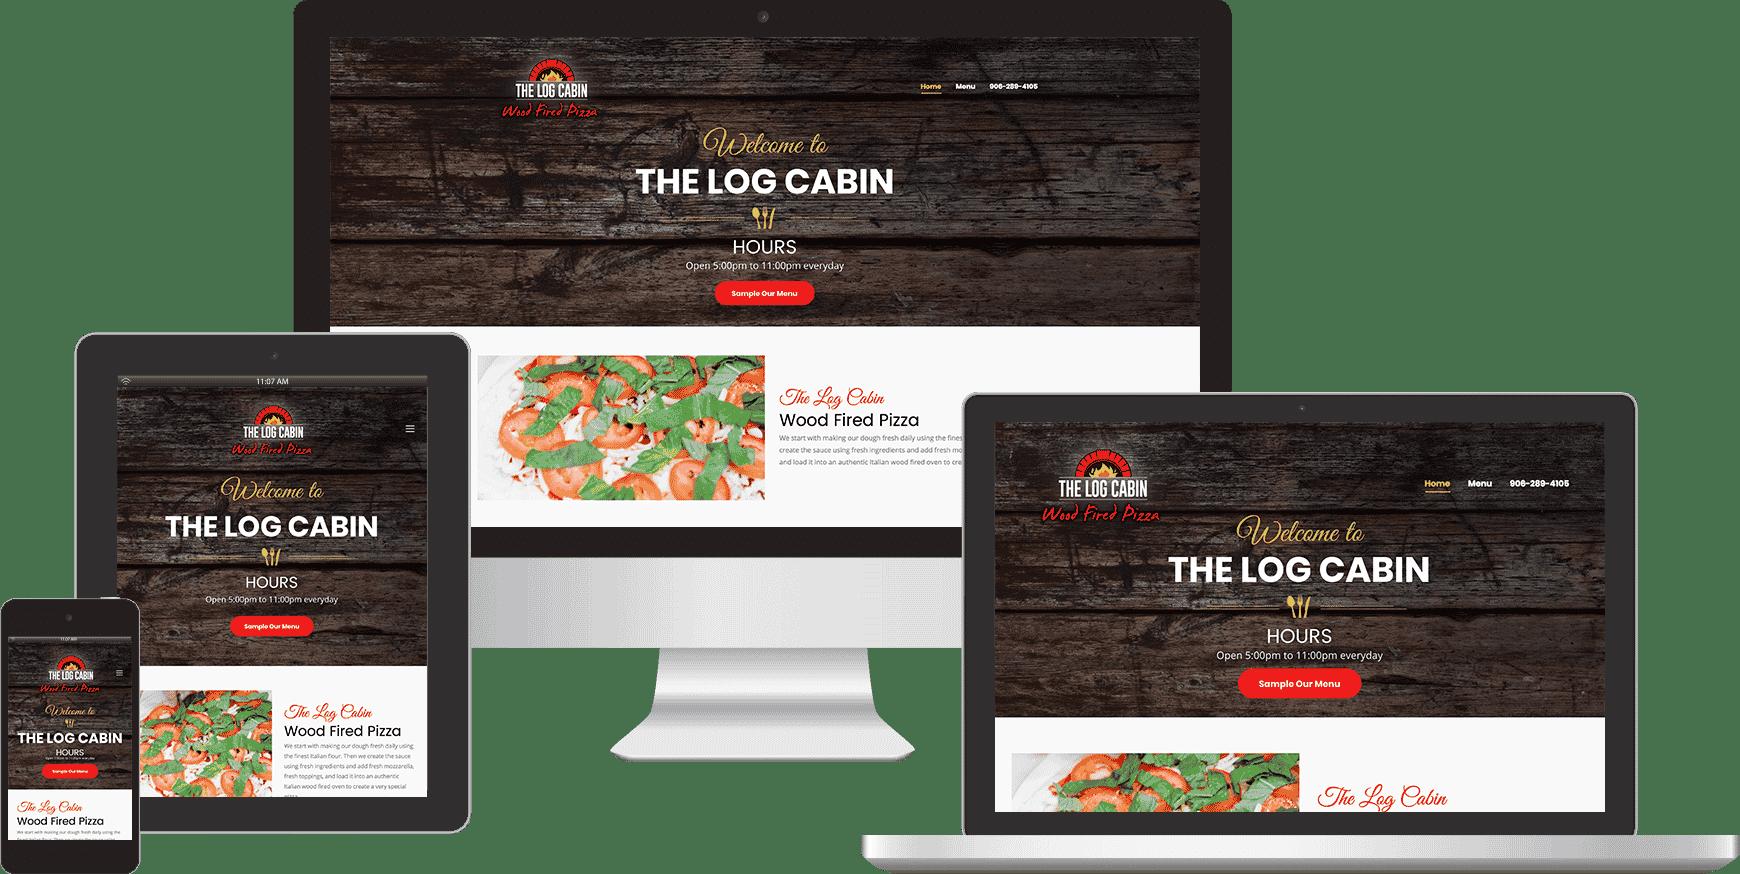 the log cabin website